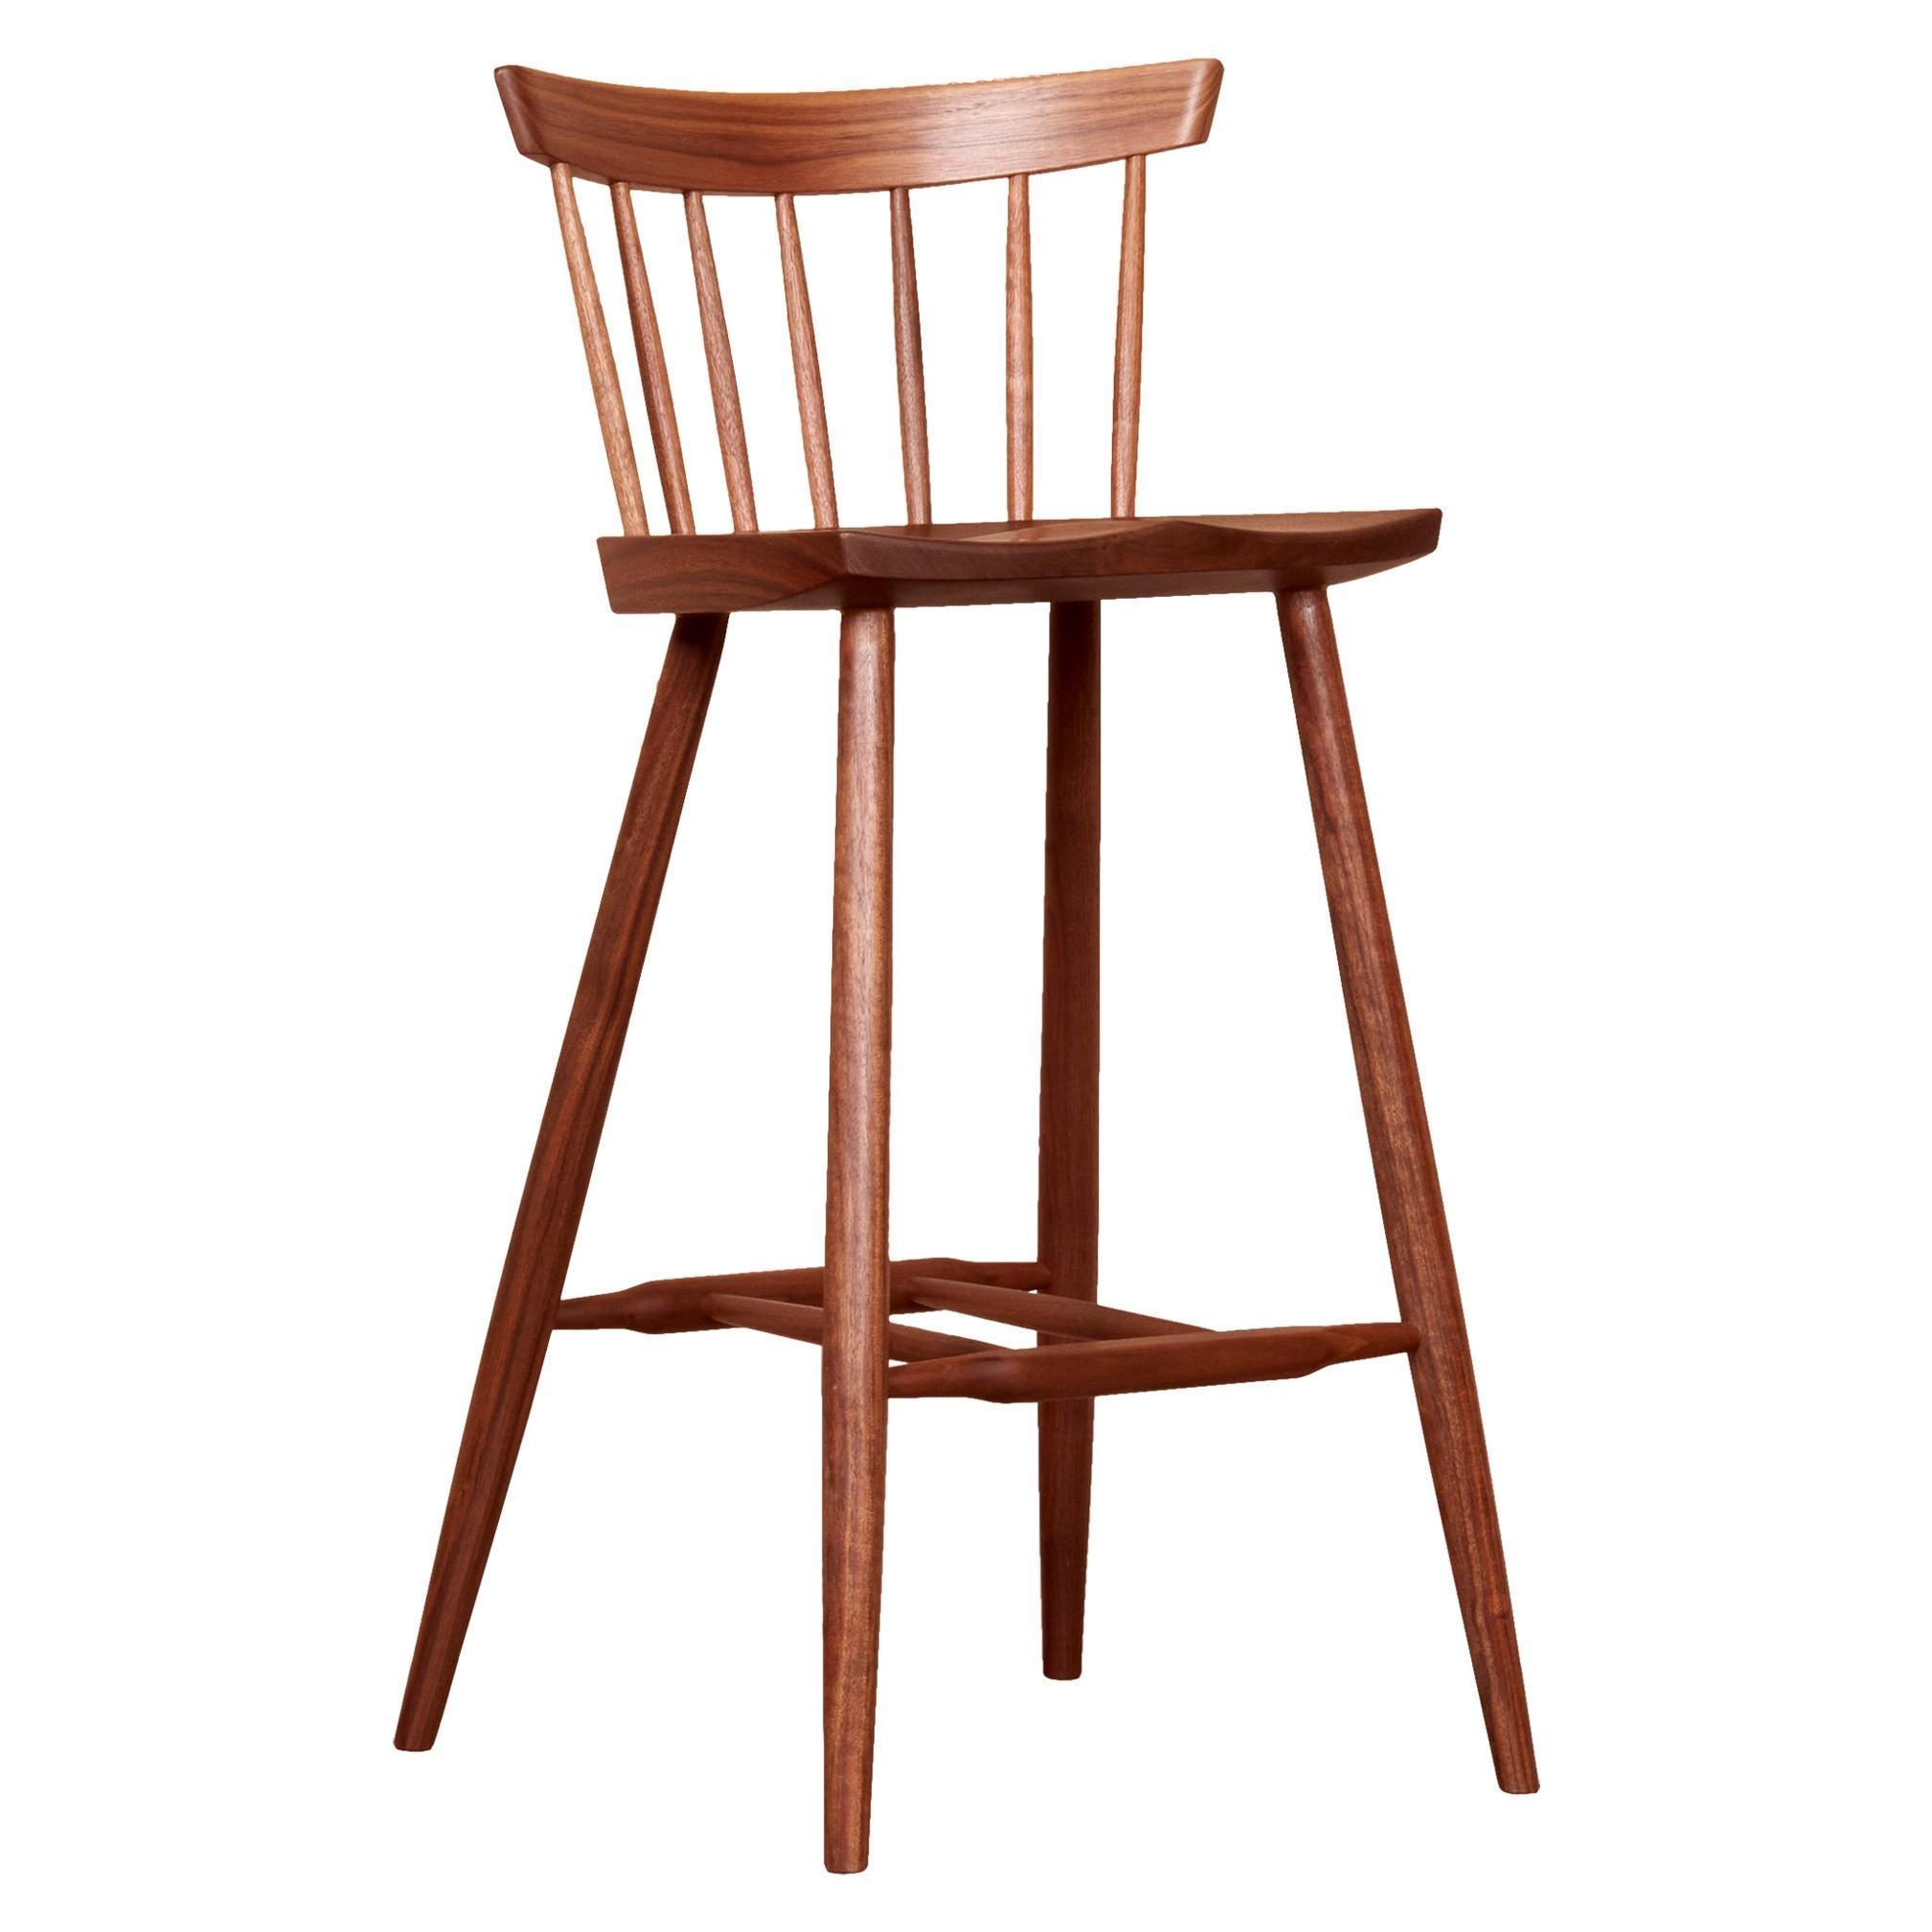 Set of four George Nakashima Studio, 4 Legged High Chairs, US, 2021